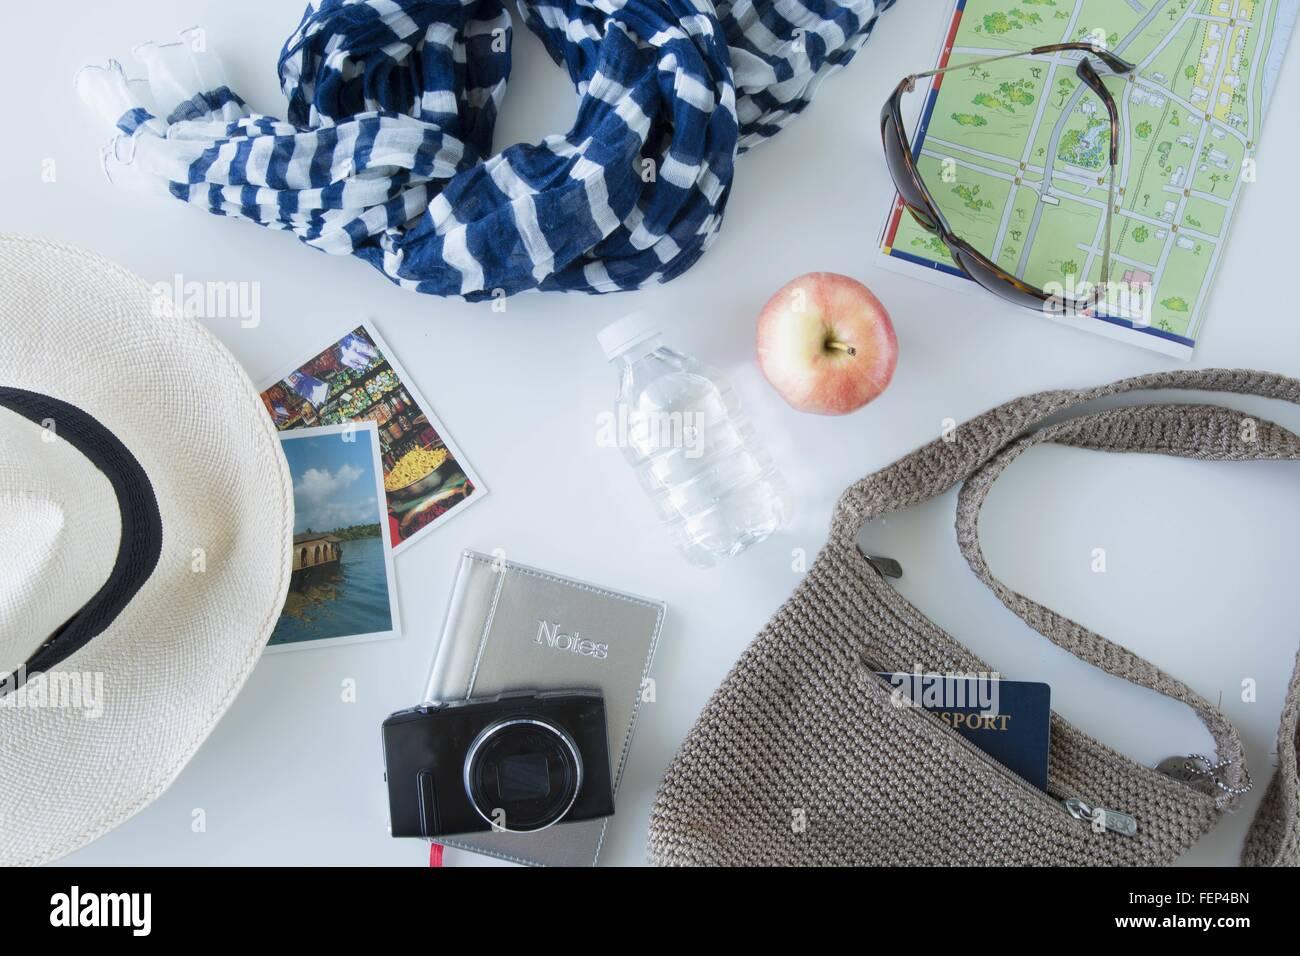 Draufsicht der Elemente vorbereitet für Sightseeing auf Städtereise Stockbild